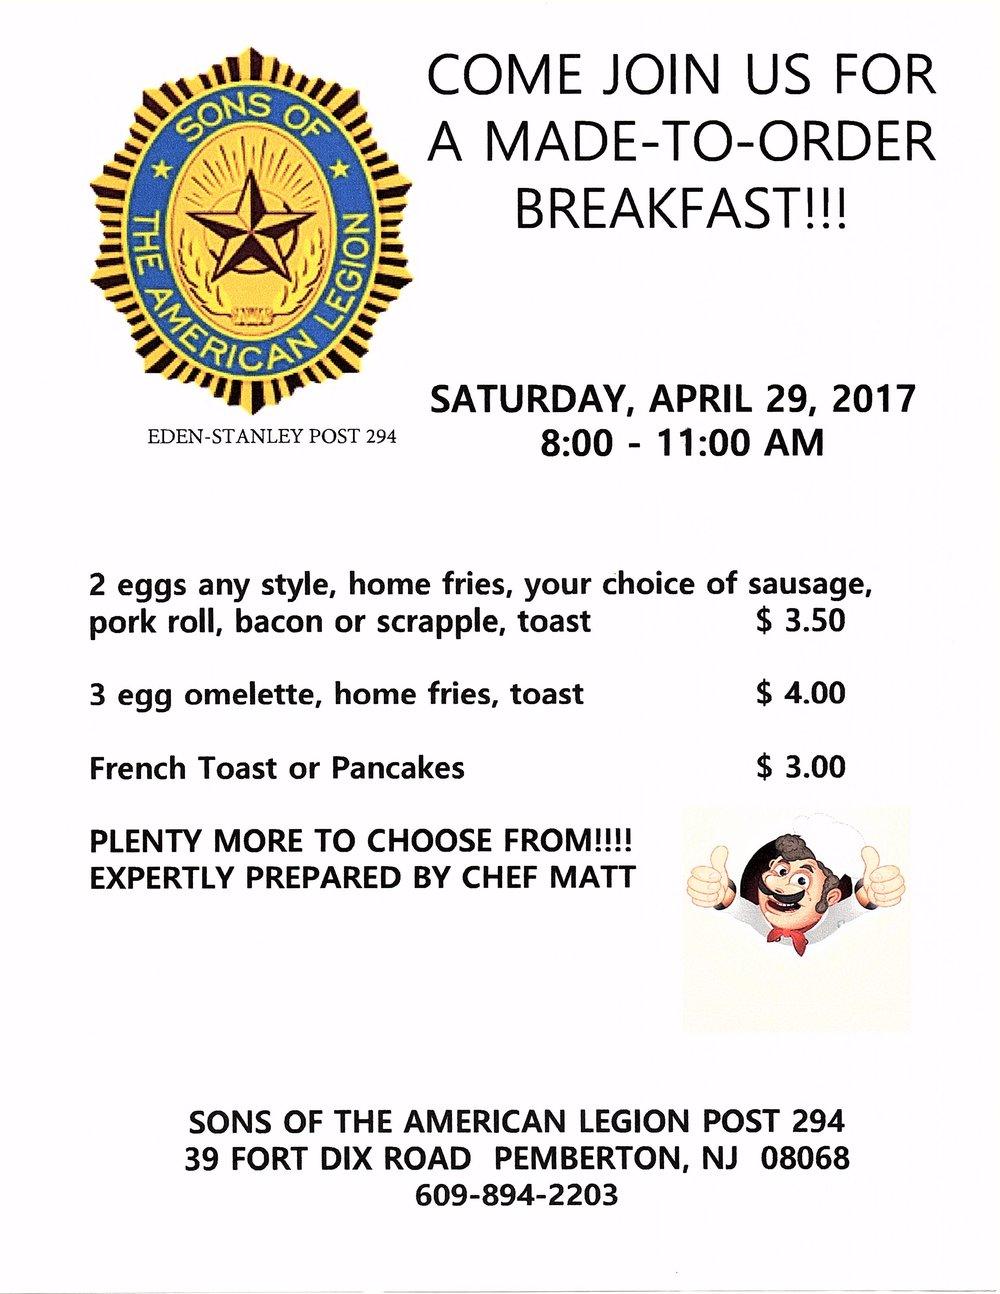 Made to order Breakfast - Amer Leg